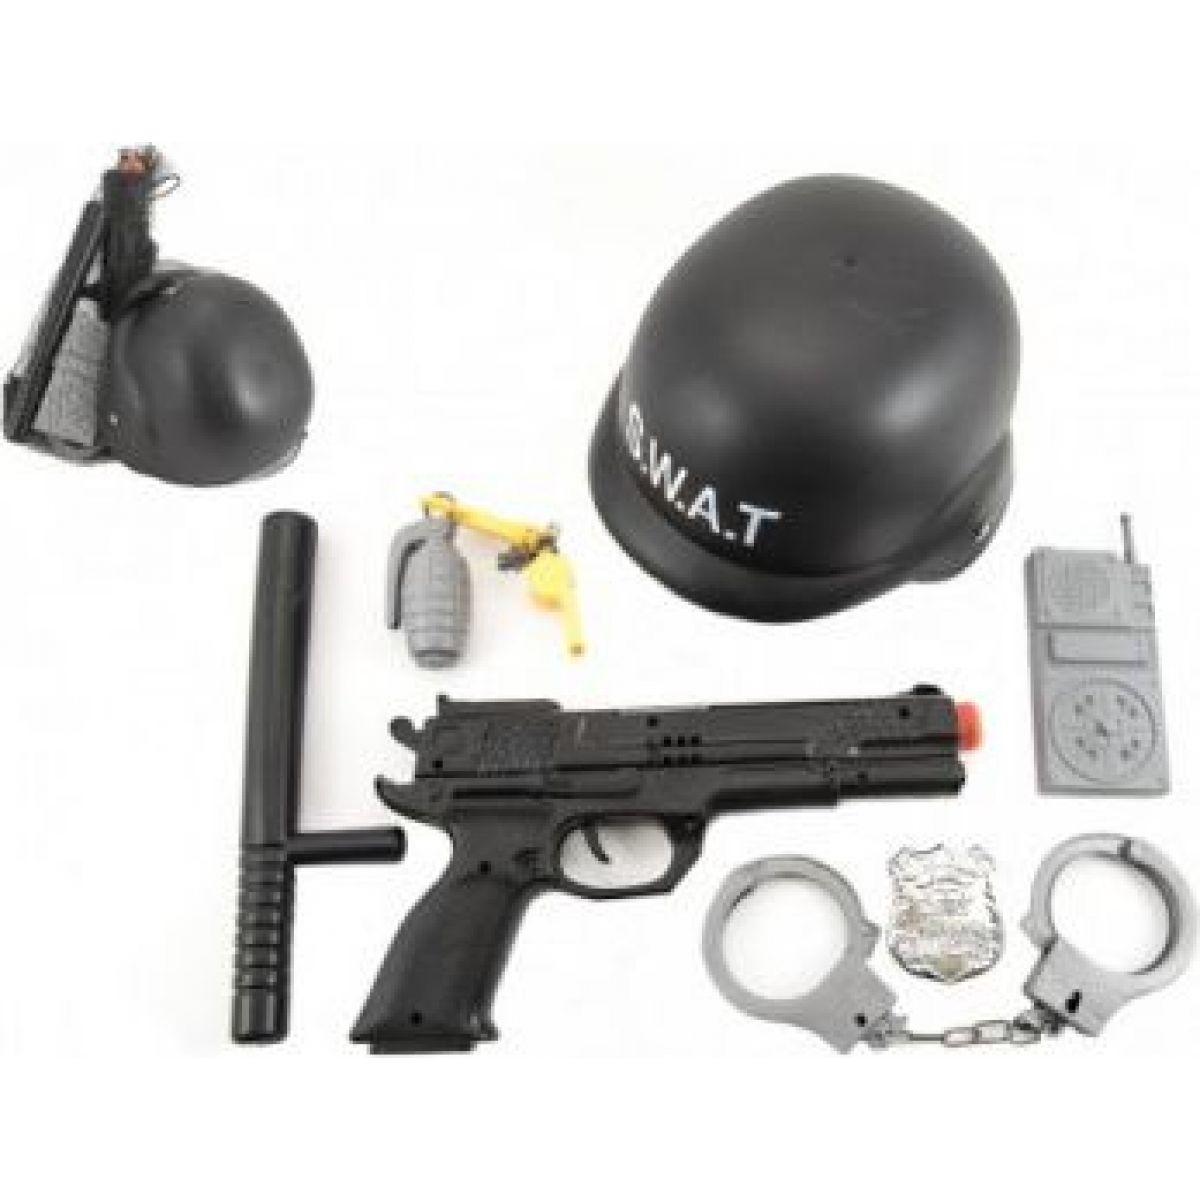 Sada polícia SWAT helma + pištoľ na zotrvačník s doplnkami